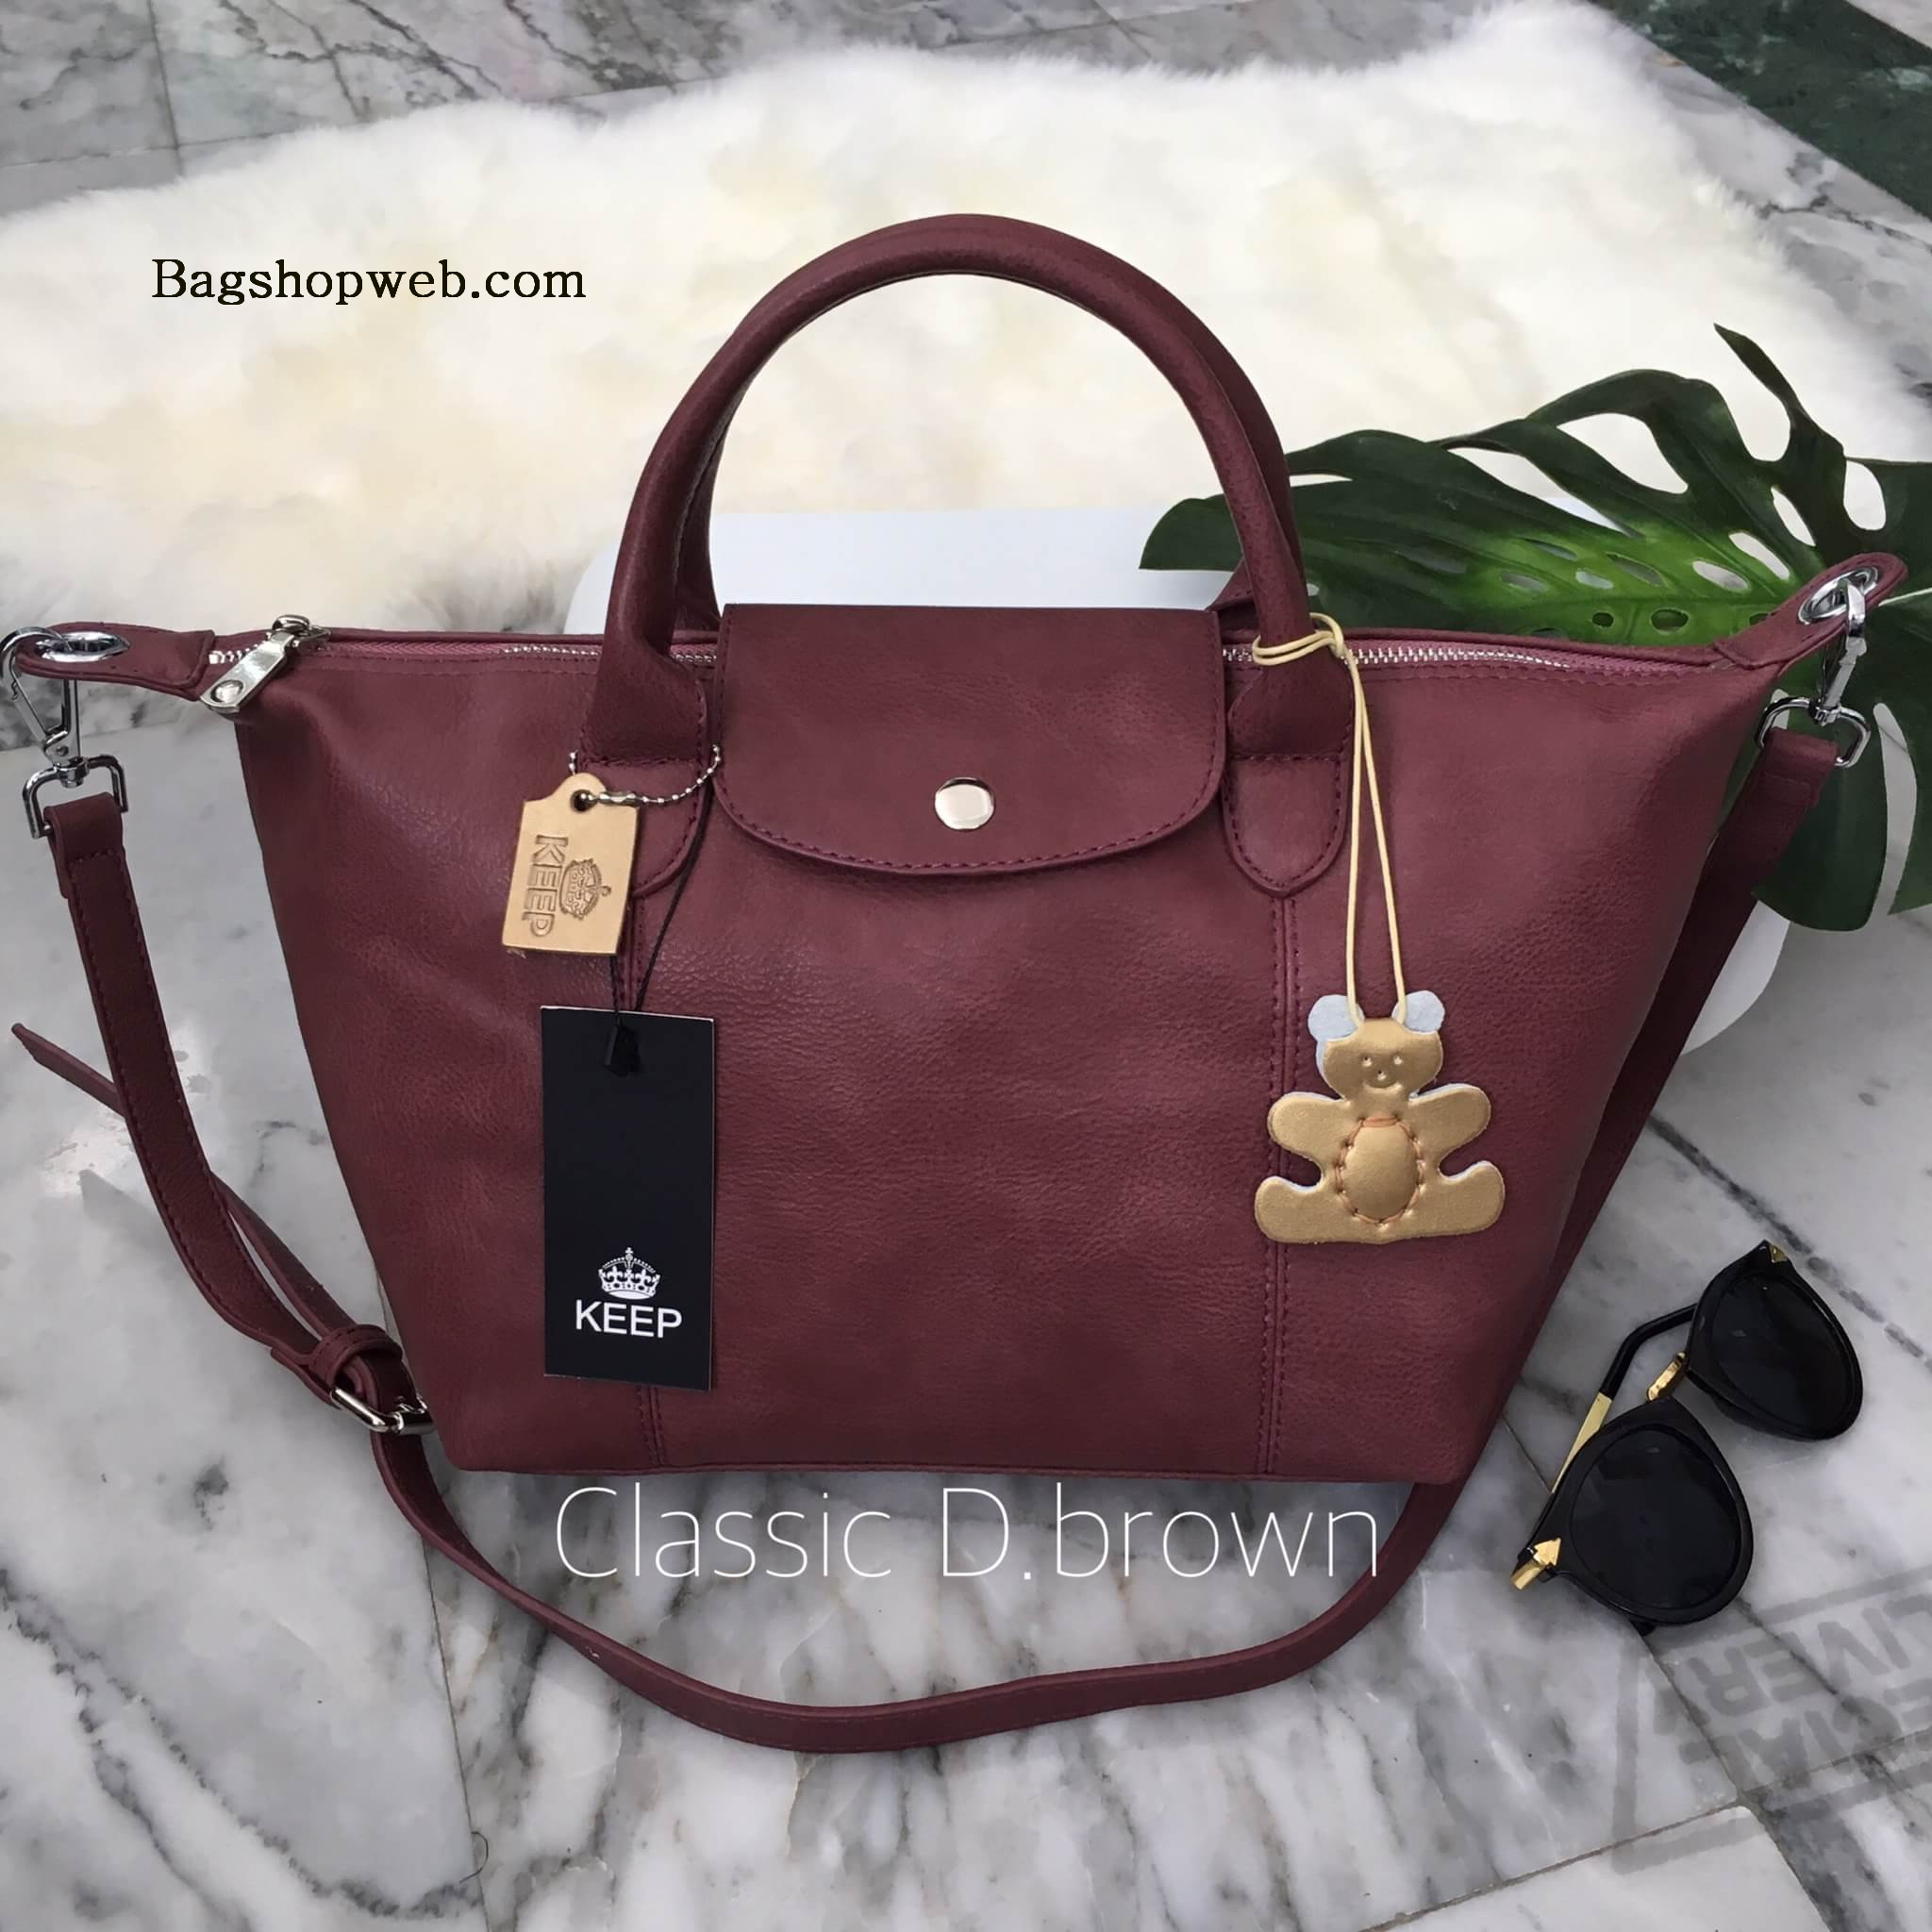 กรเป๋า KEEP longchamp Duo Sister Classic - D.brown color น้ำตาลเข้ม ราคา 1,490 บาท Free Ems